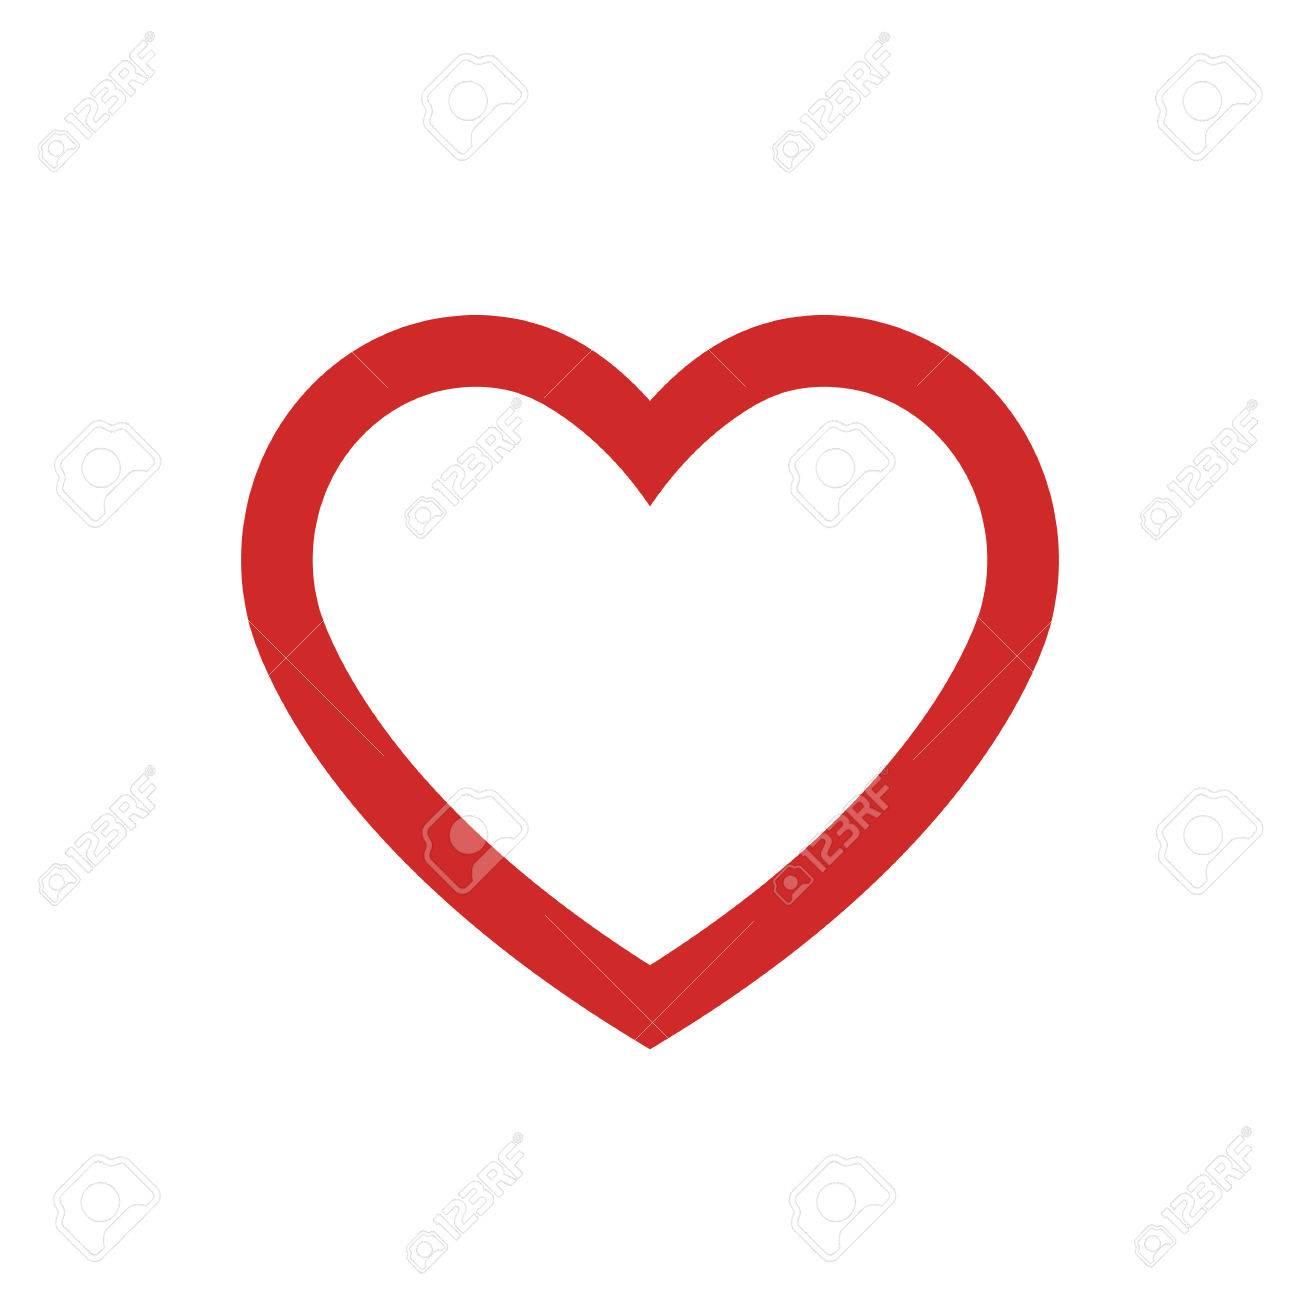 heart outline icon modern minimal flat design style love symbol rh 123rf com vector heart outline illustrator human heart vector outline